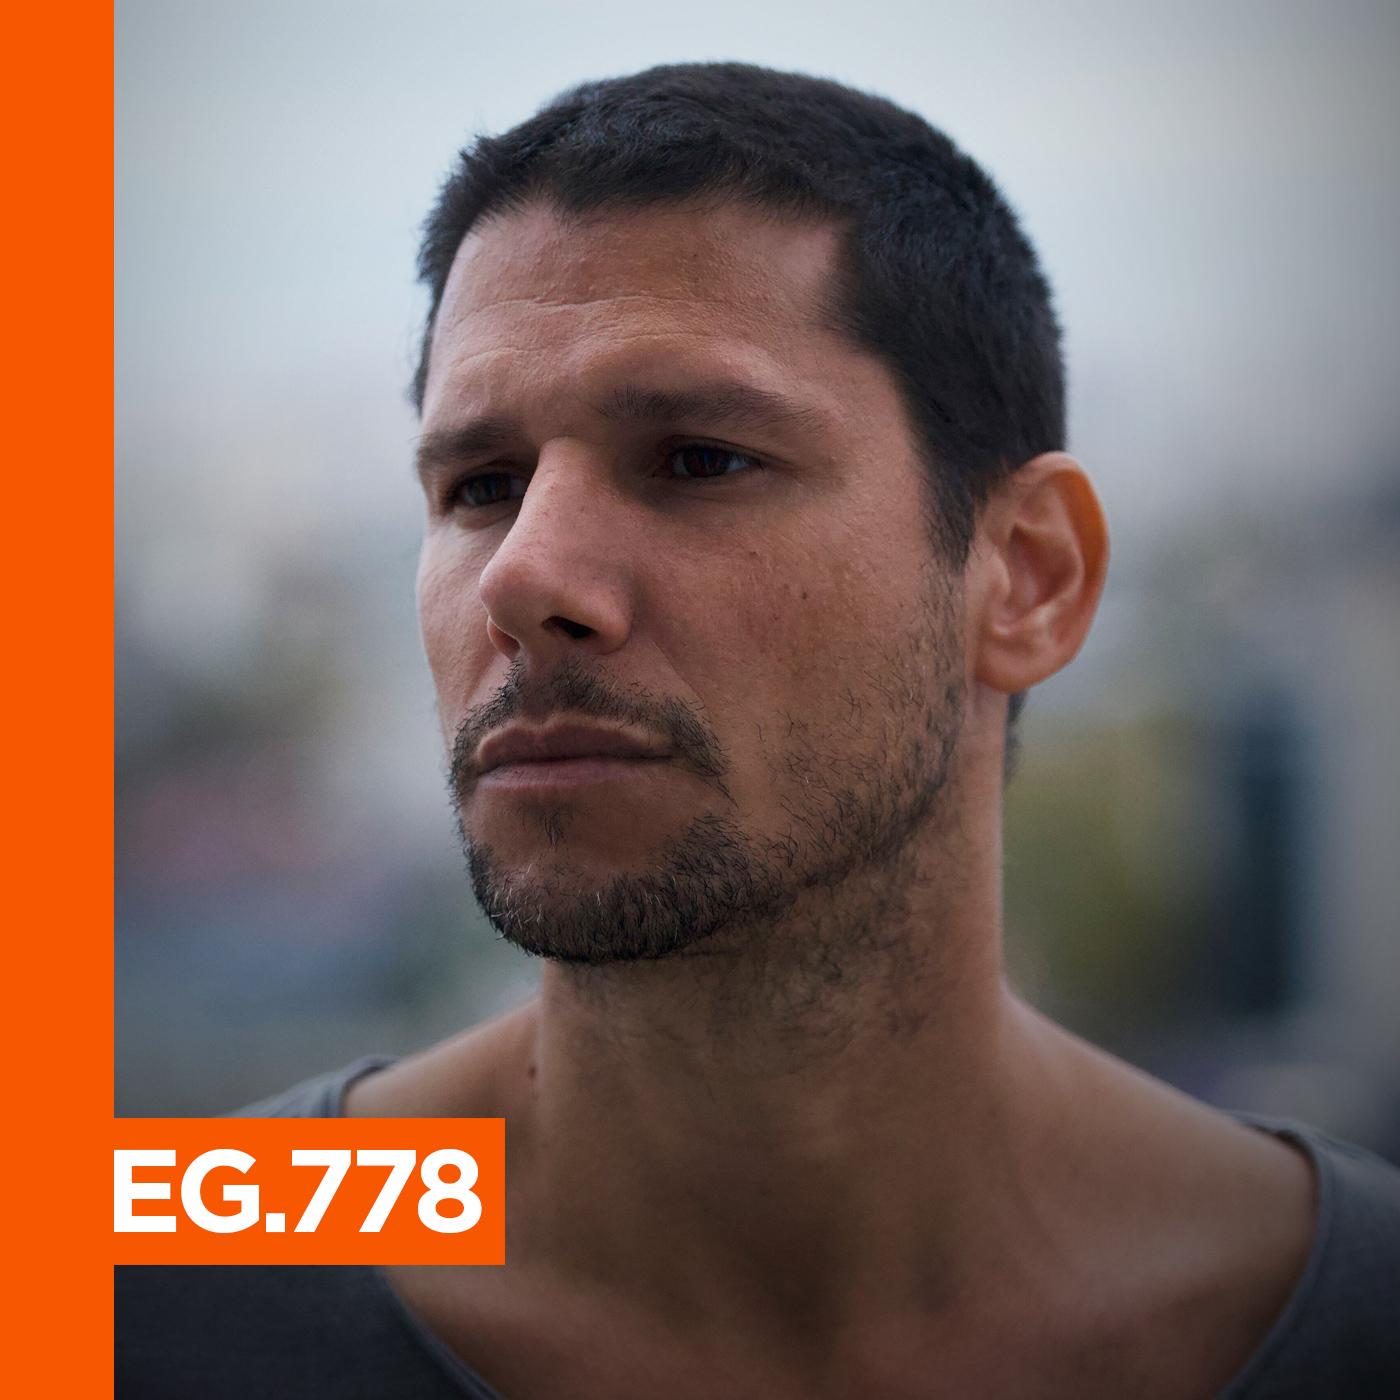 EG-778-Ricky-Ryan